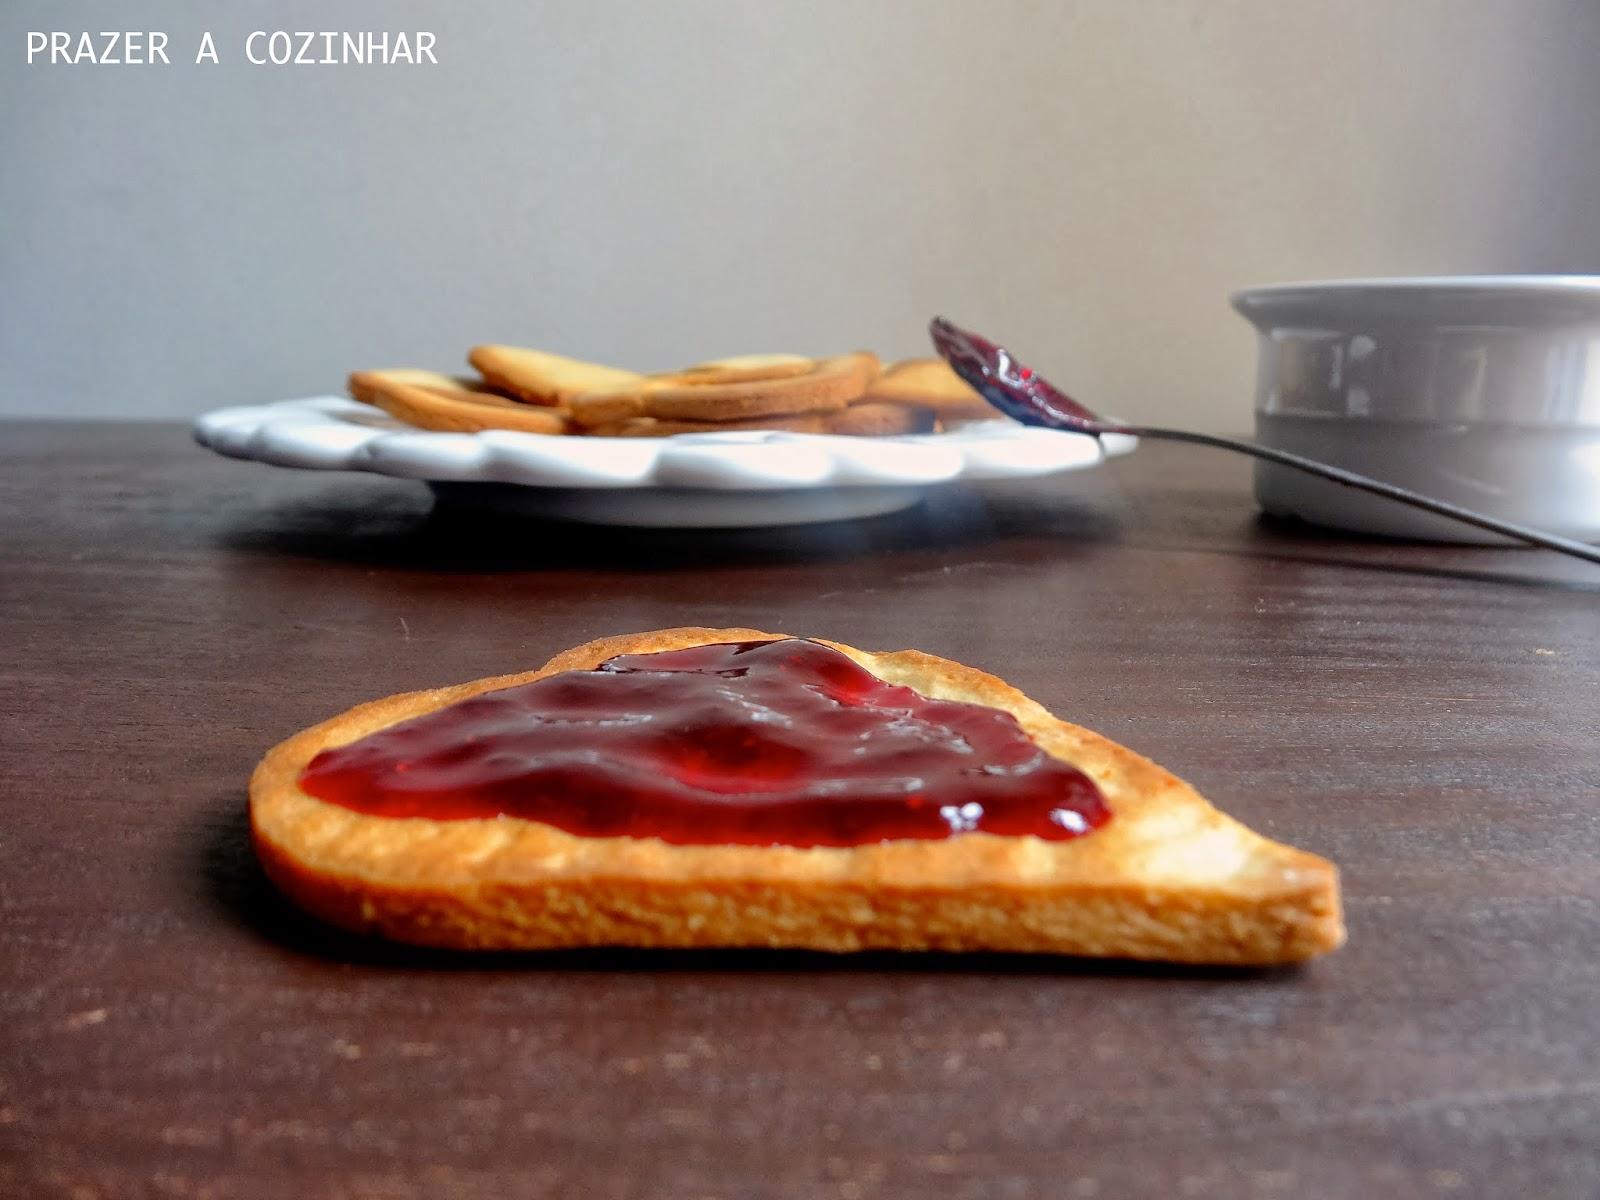 prazer a cozinhar - Bolachas de amêndoa com recheio de frutos vermelhos